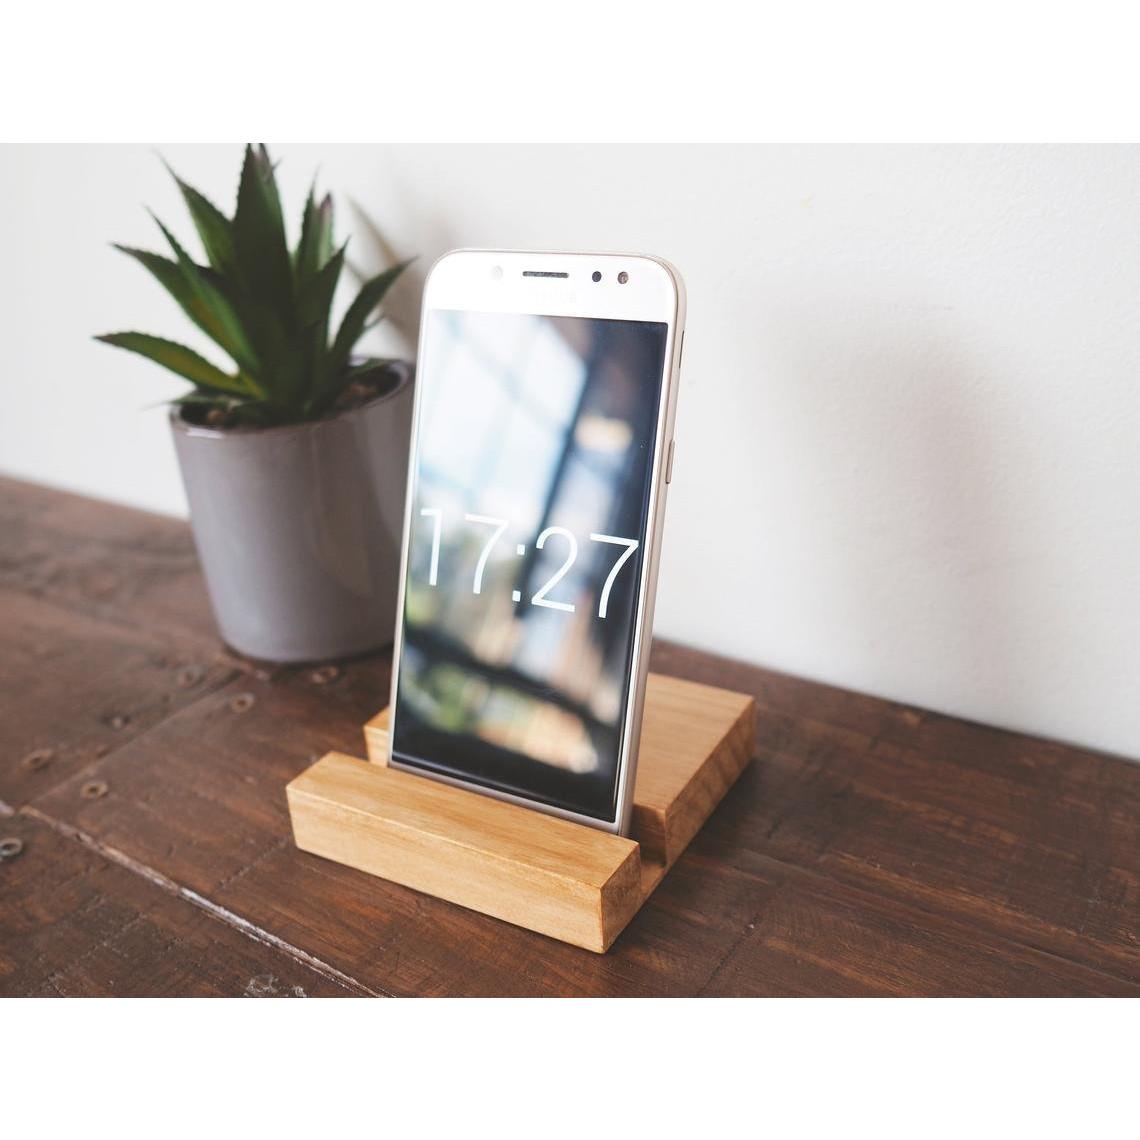 Bộ giá đỡ iPad & iPhone bằng gỗ mật hồng tự nhiên chính hãng GK Concept